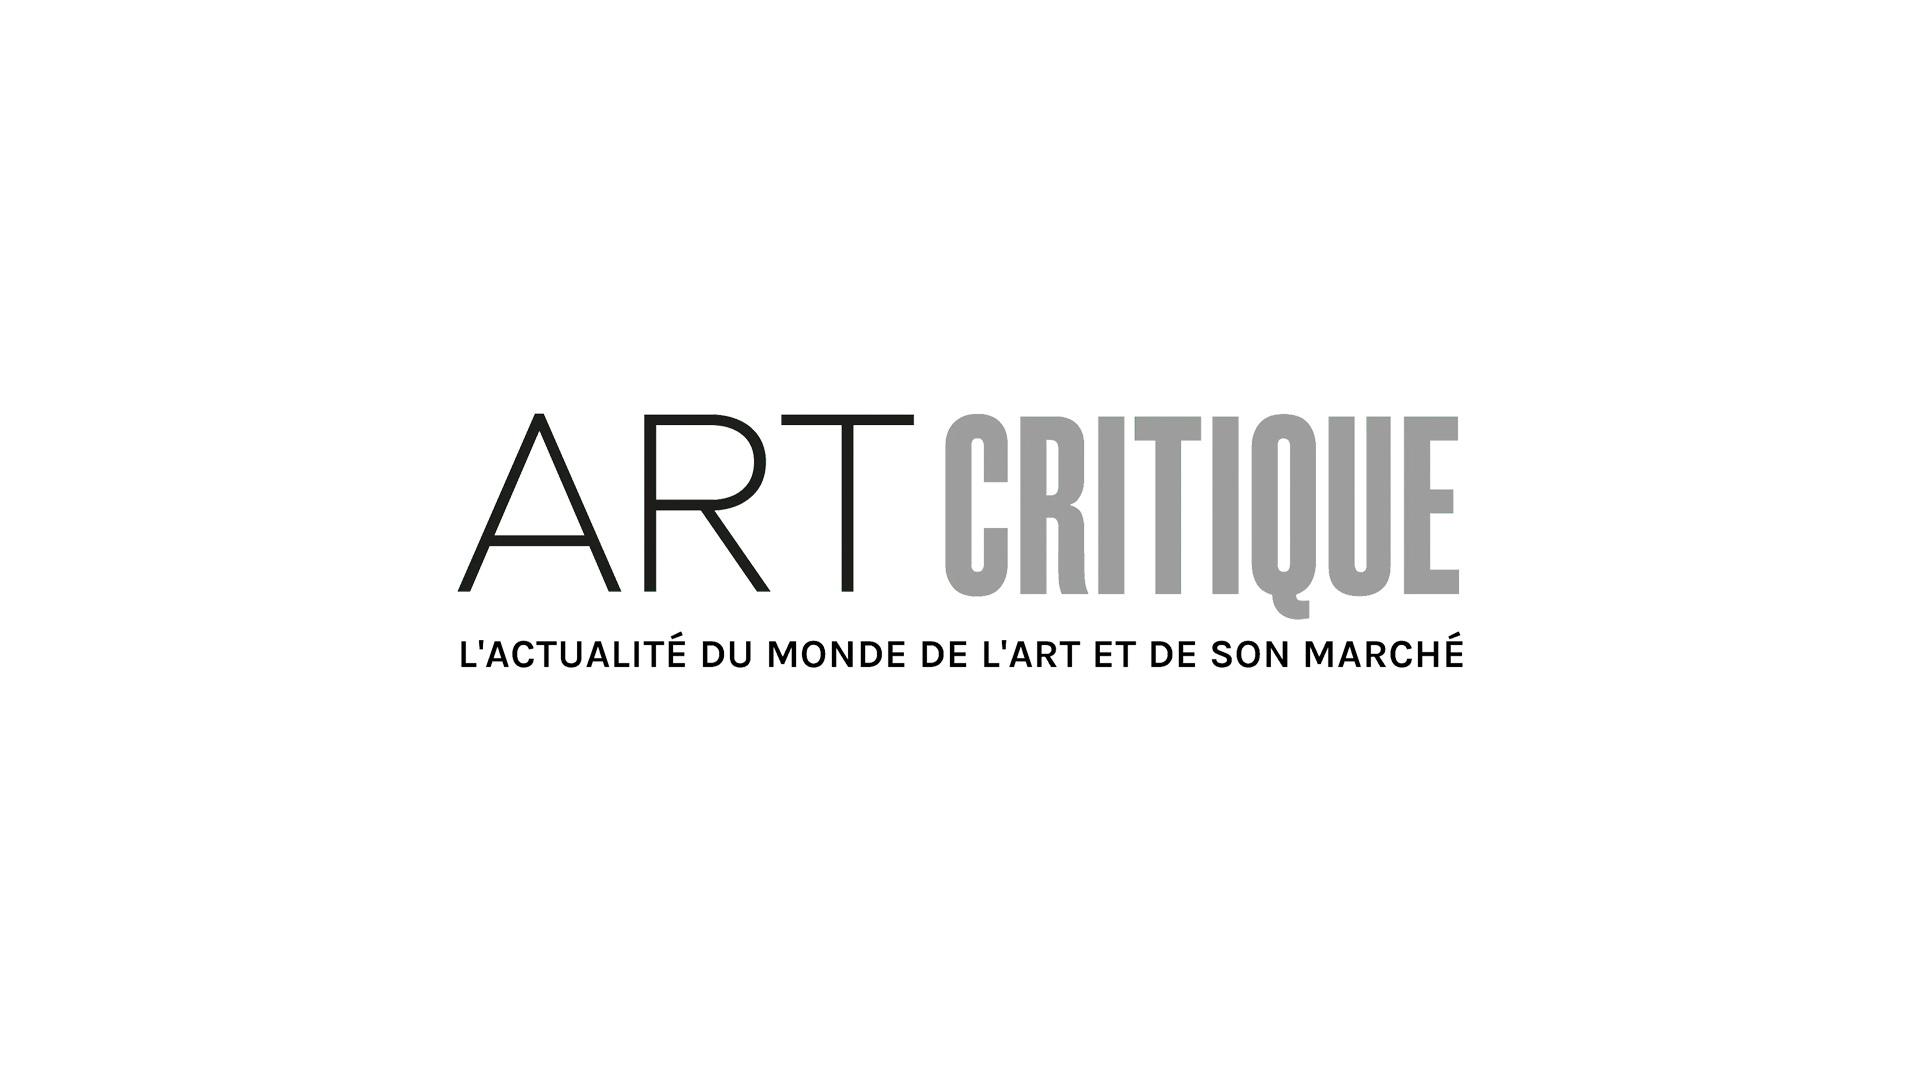 Une rétrospective Hans Hartung pour la réouverture du Musée d'Art Moderne!